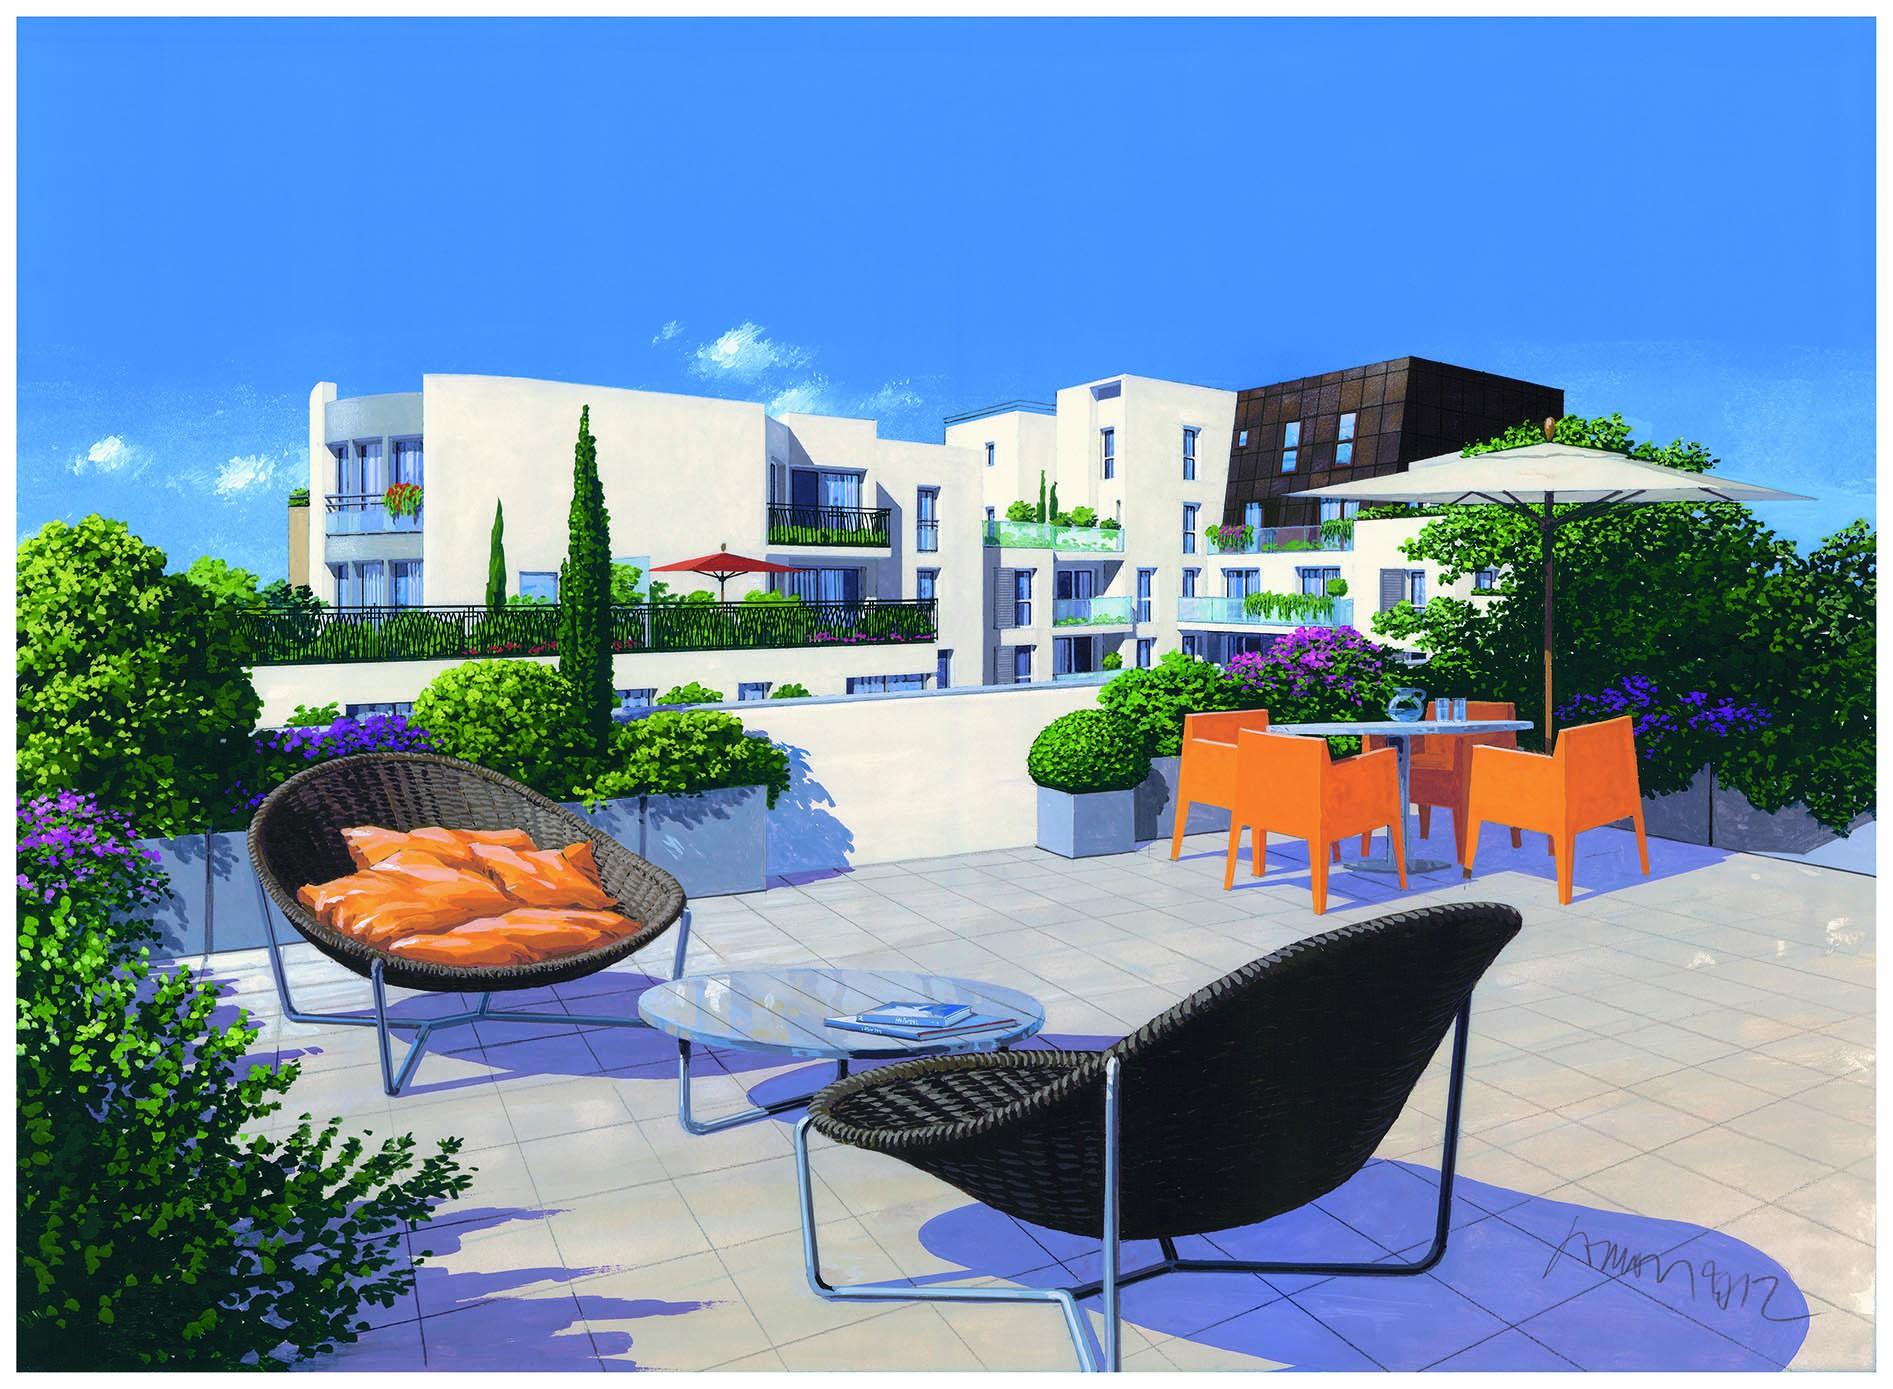 Achat appartement neuf aubervilliers immobilier neuf for Achat appartement neuf idf